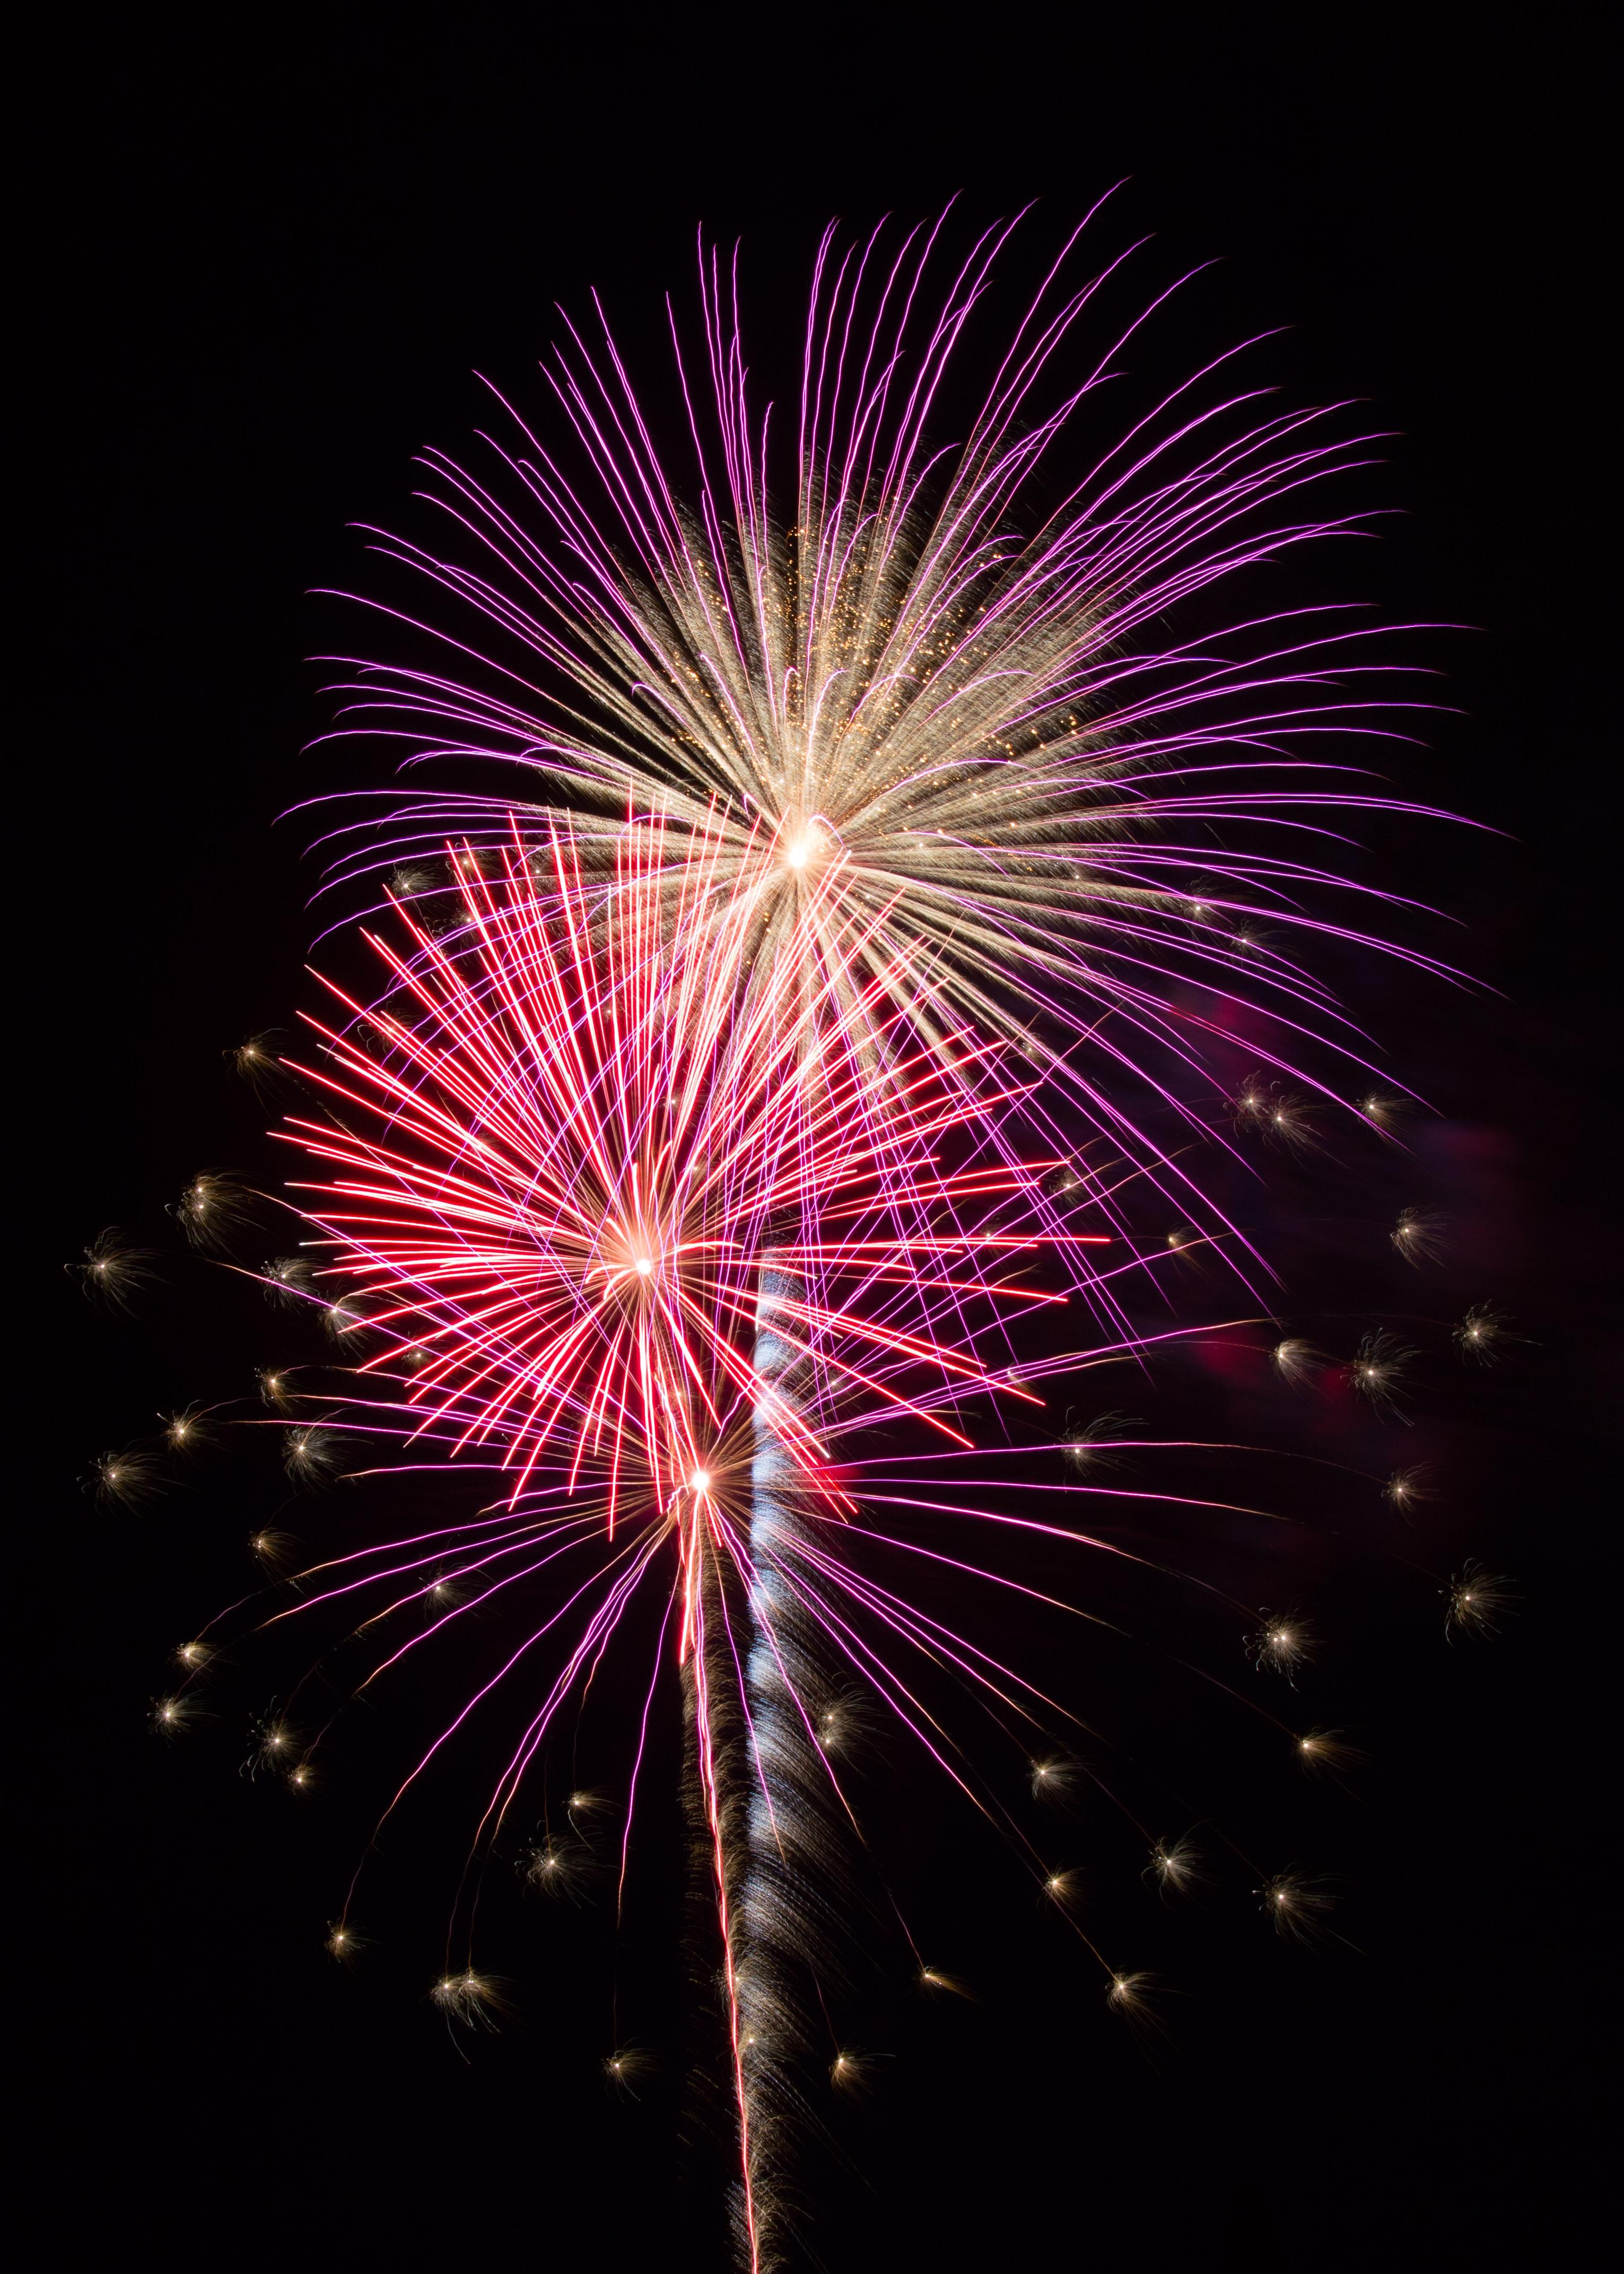 121831 Hintergrundbild herunterladen Feiertage, Sky, Salute, Blitz, Funken, Feuerwerk - Bildschirmschoner und Bilder kostenlos